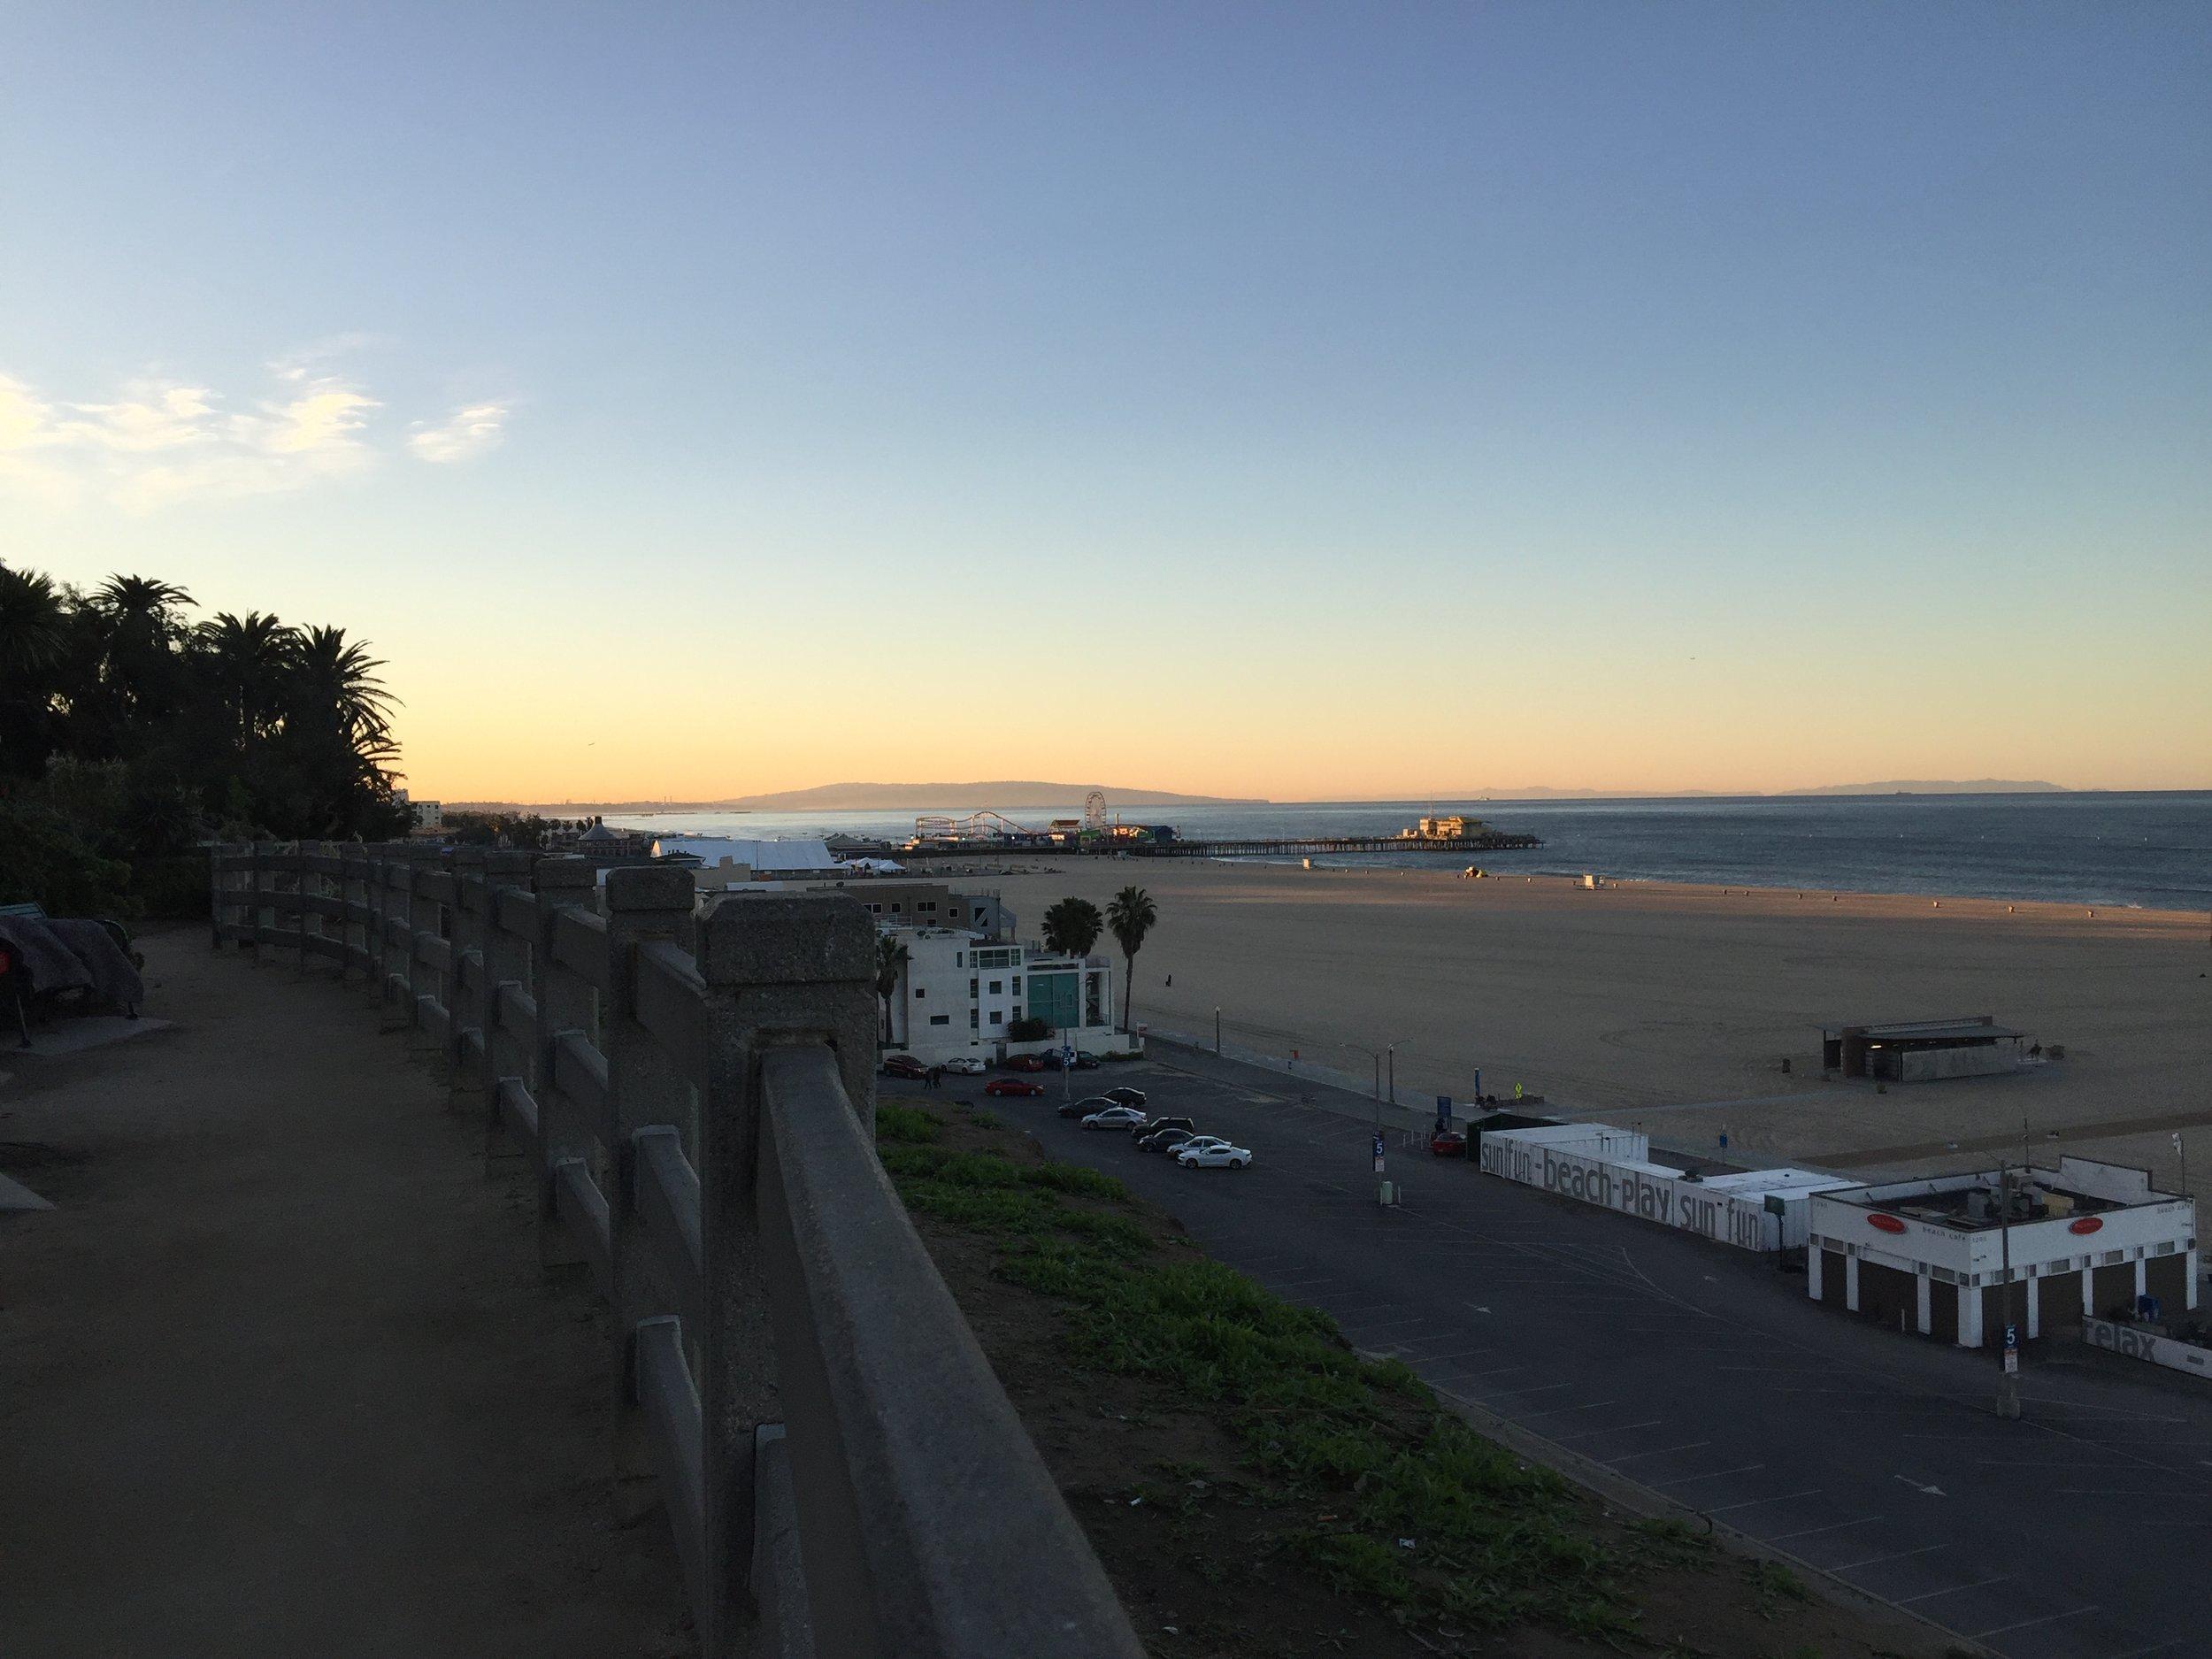 In Santa Monica